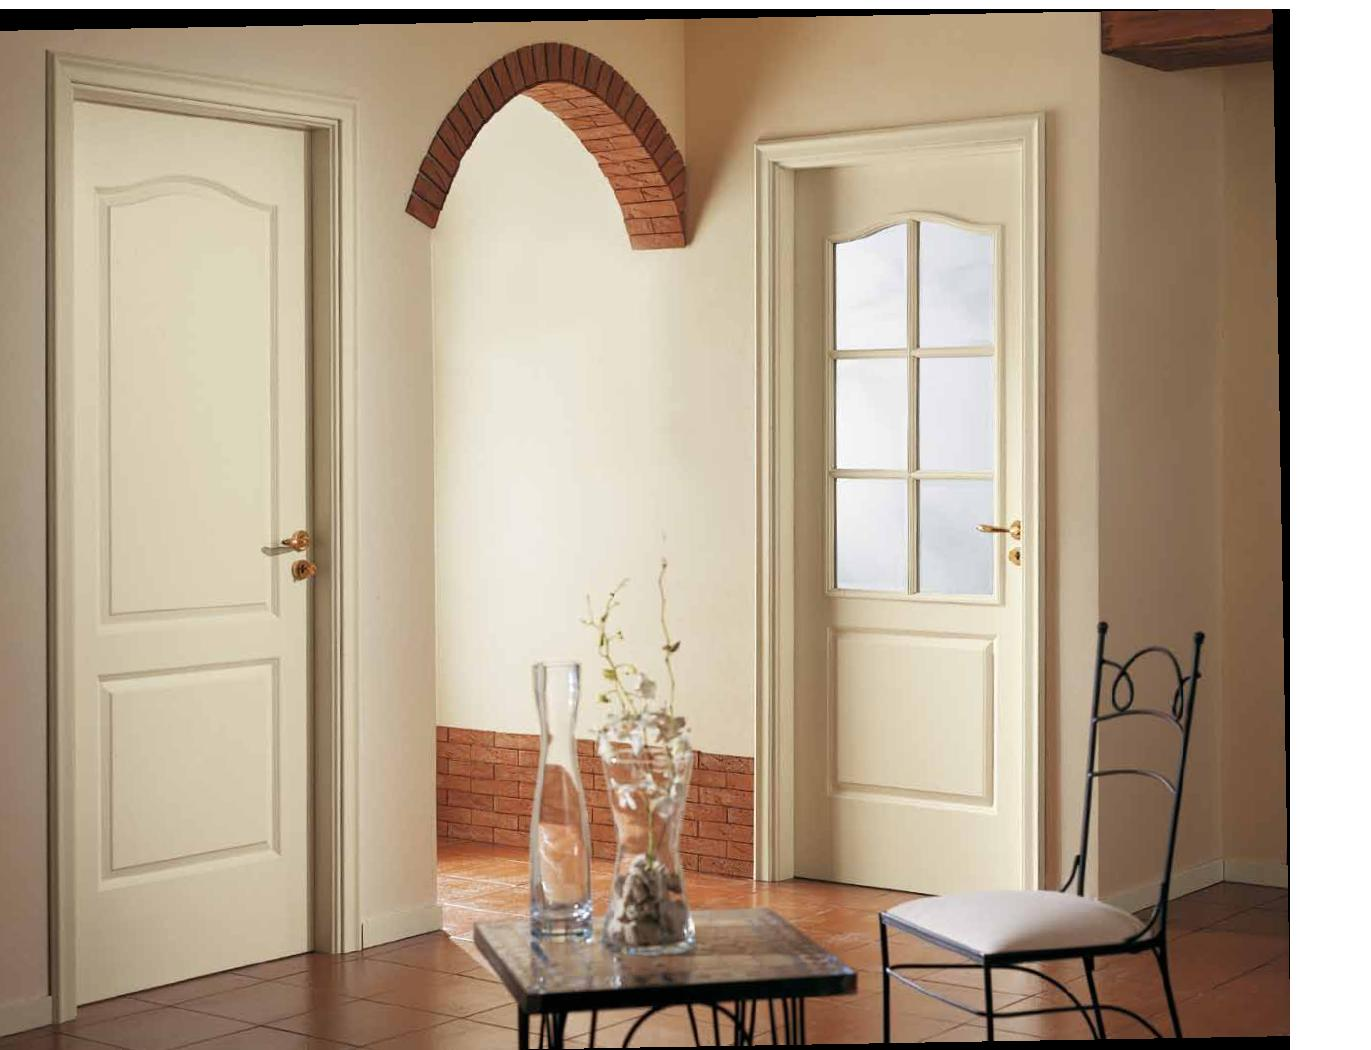 Выбрать правильно межкомнатные двери: качество и долговечность